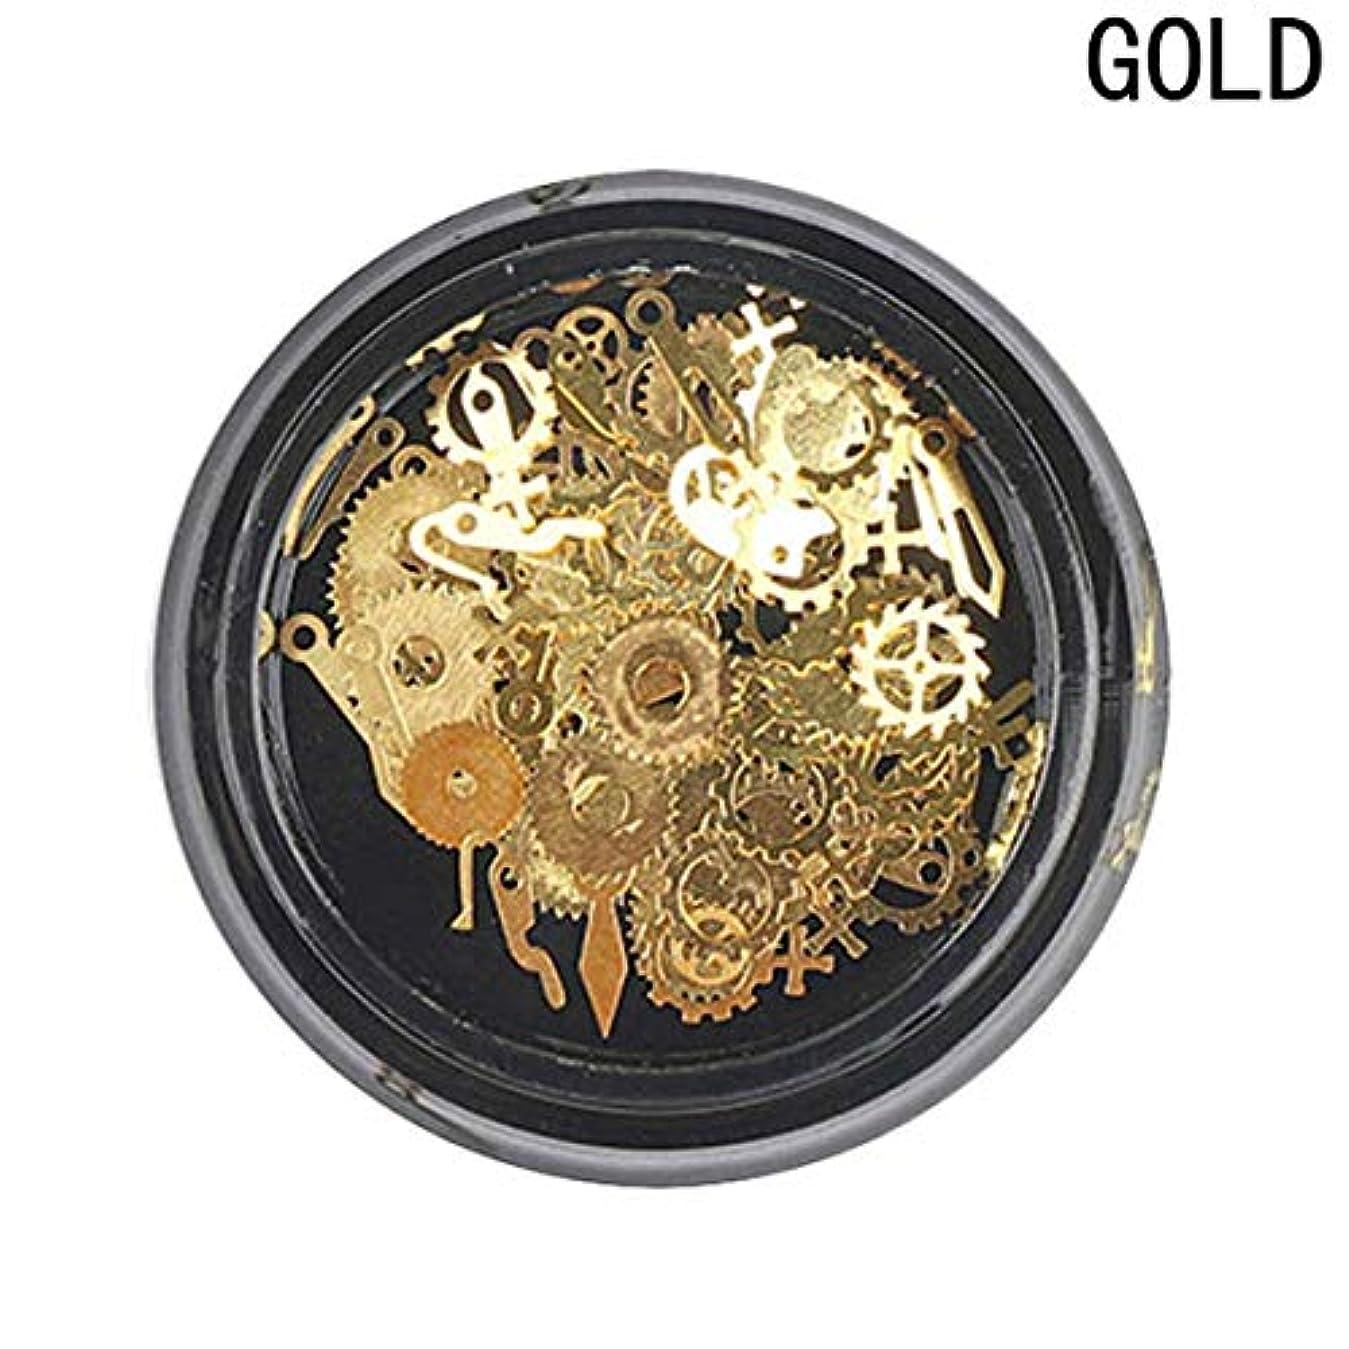 充実出席キネマティクスYoshilimen 新しいスタイルファッションユニークな合金蒸気パンクギアネイルアート装飾金属スタイルの創造的な女性の爪DIYアクセサリー1ボックス(None golden)